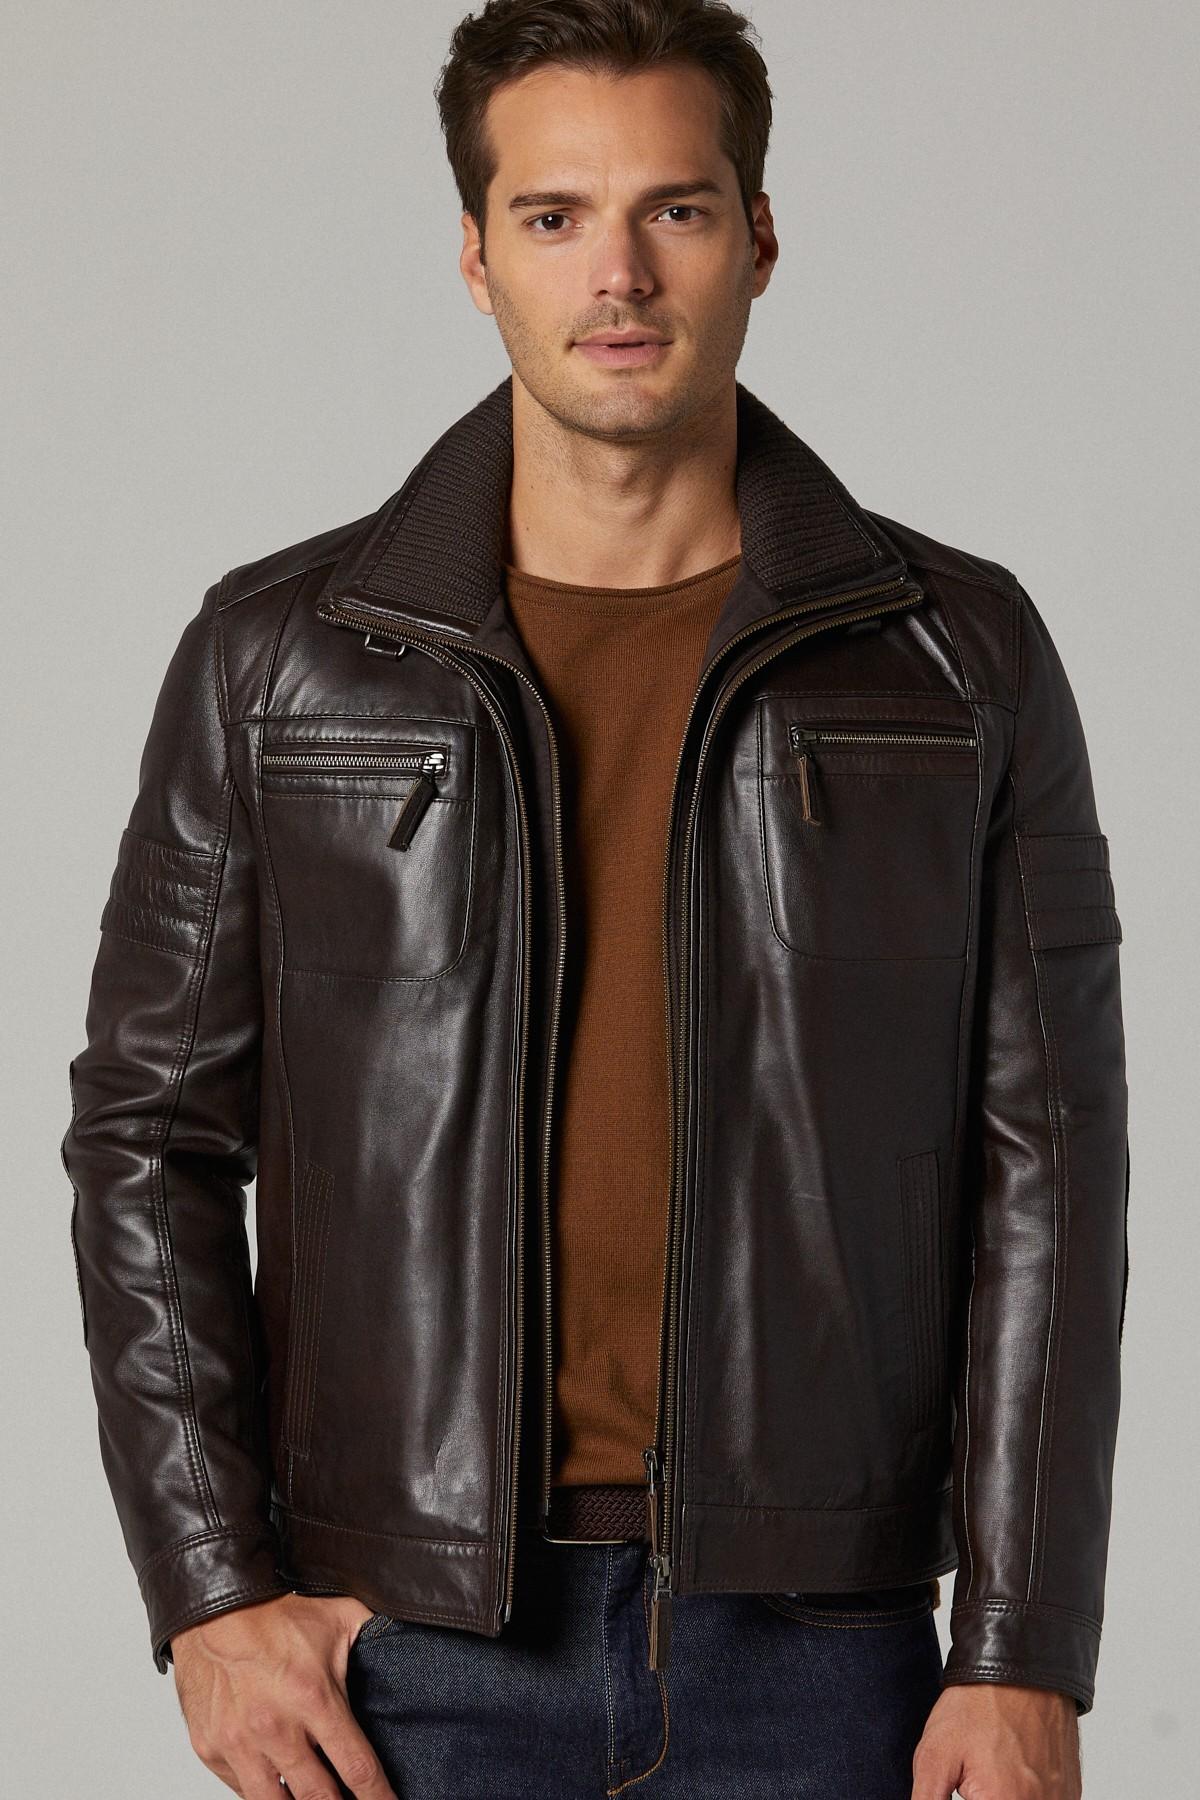 Nordstrom Rack Leather Jacket'